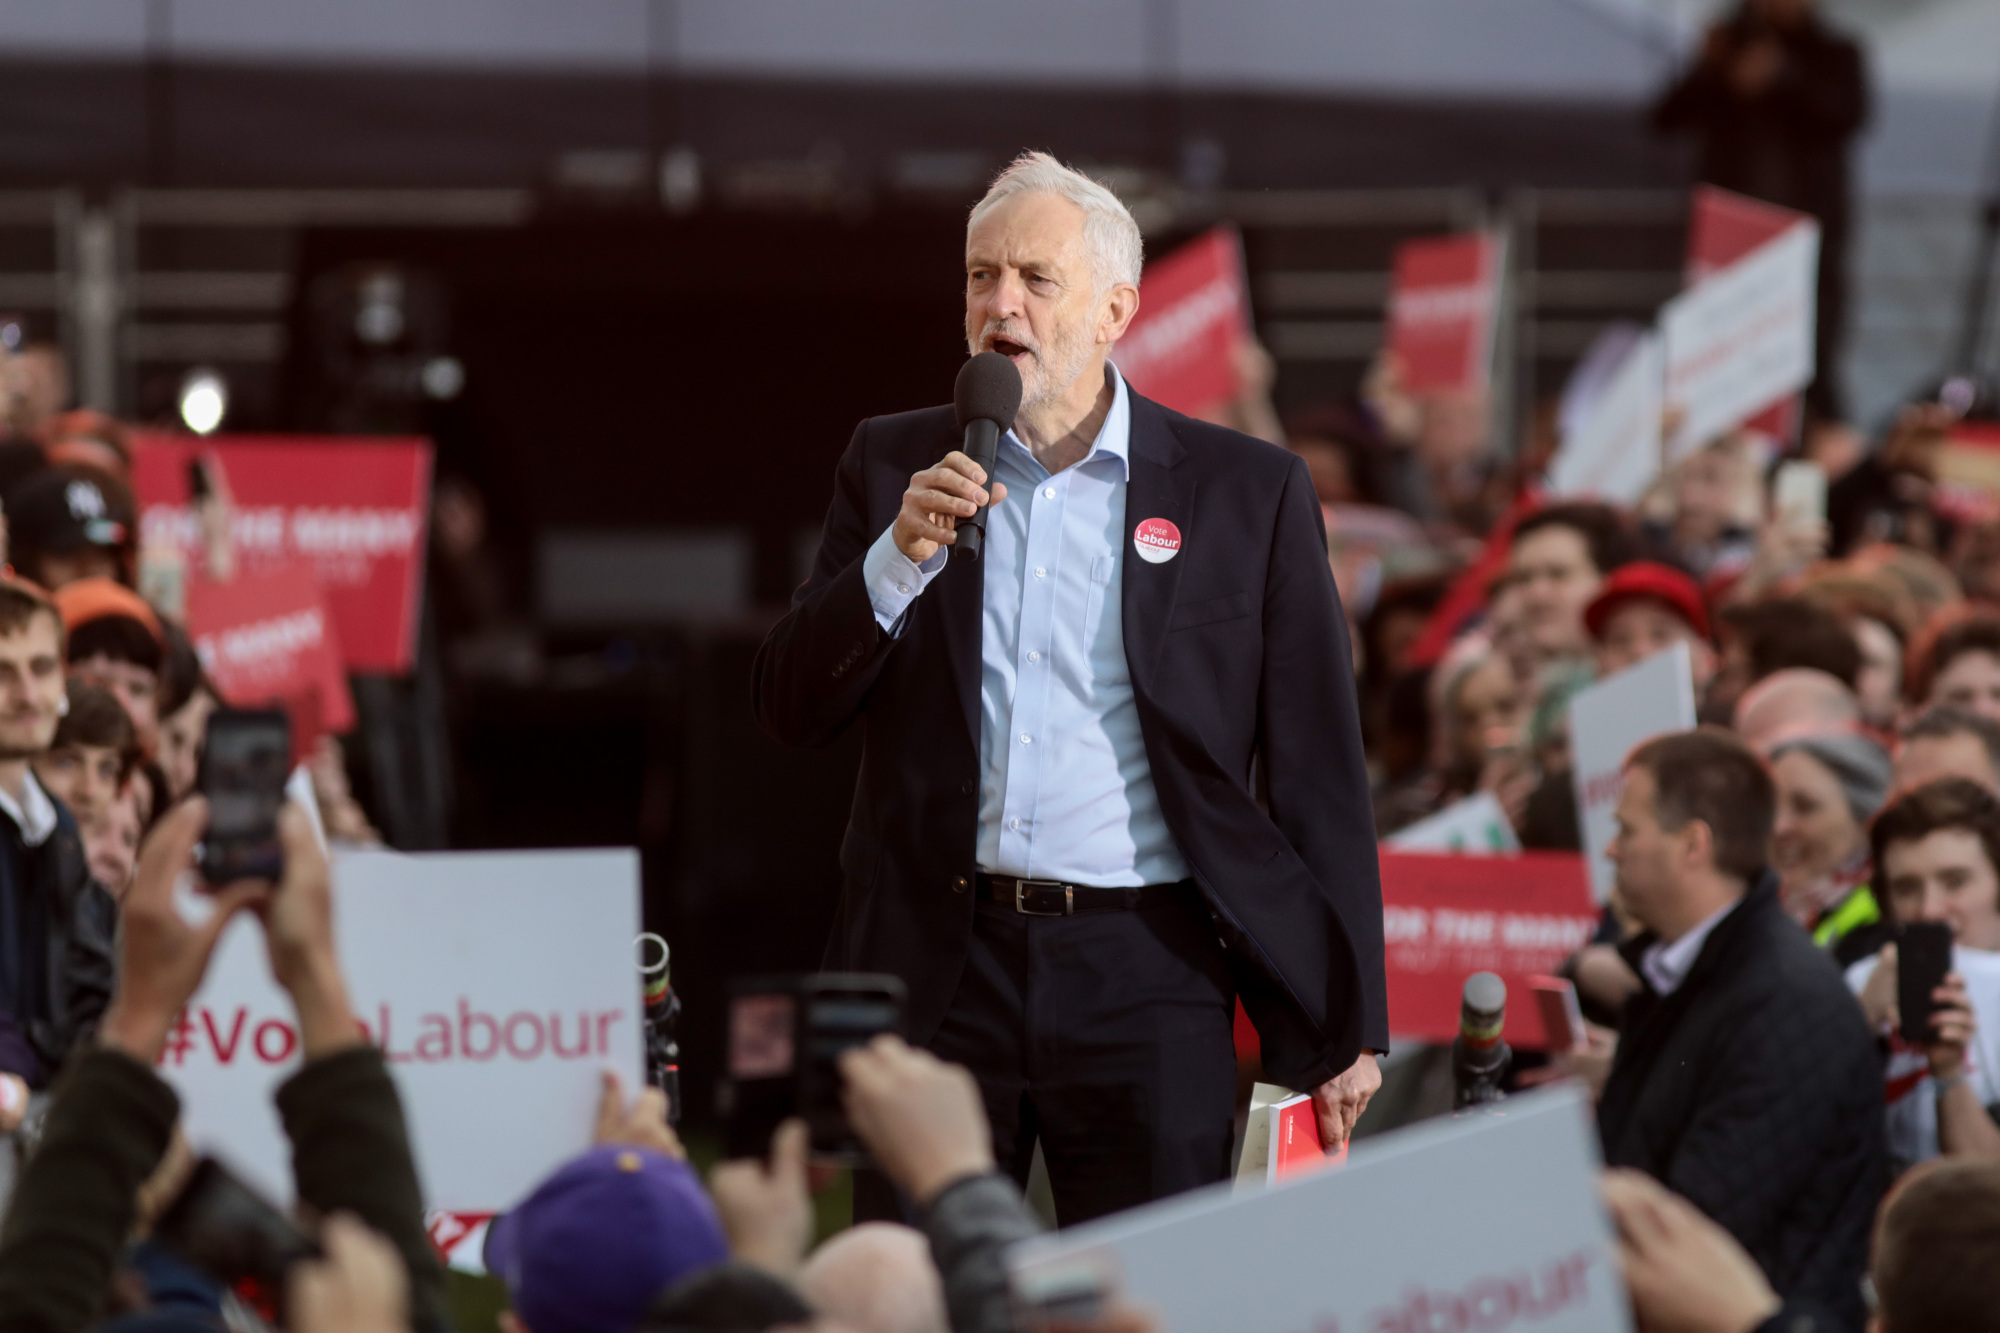 f-corbyn-a-20170608.jpg